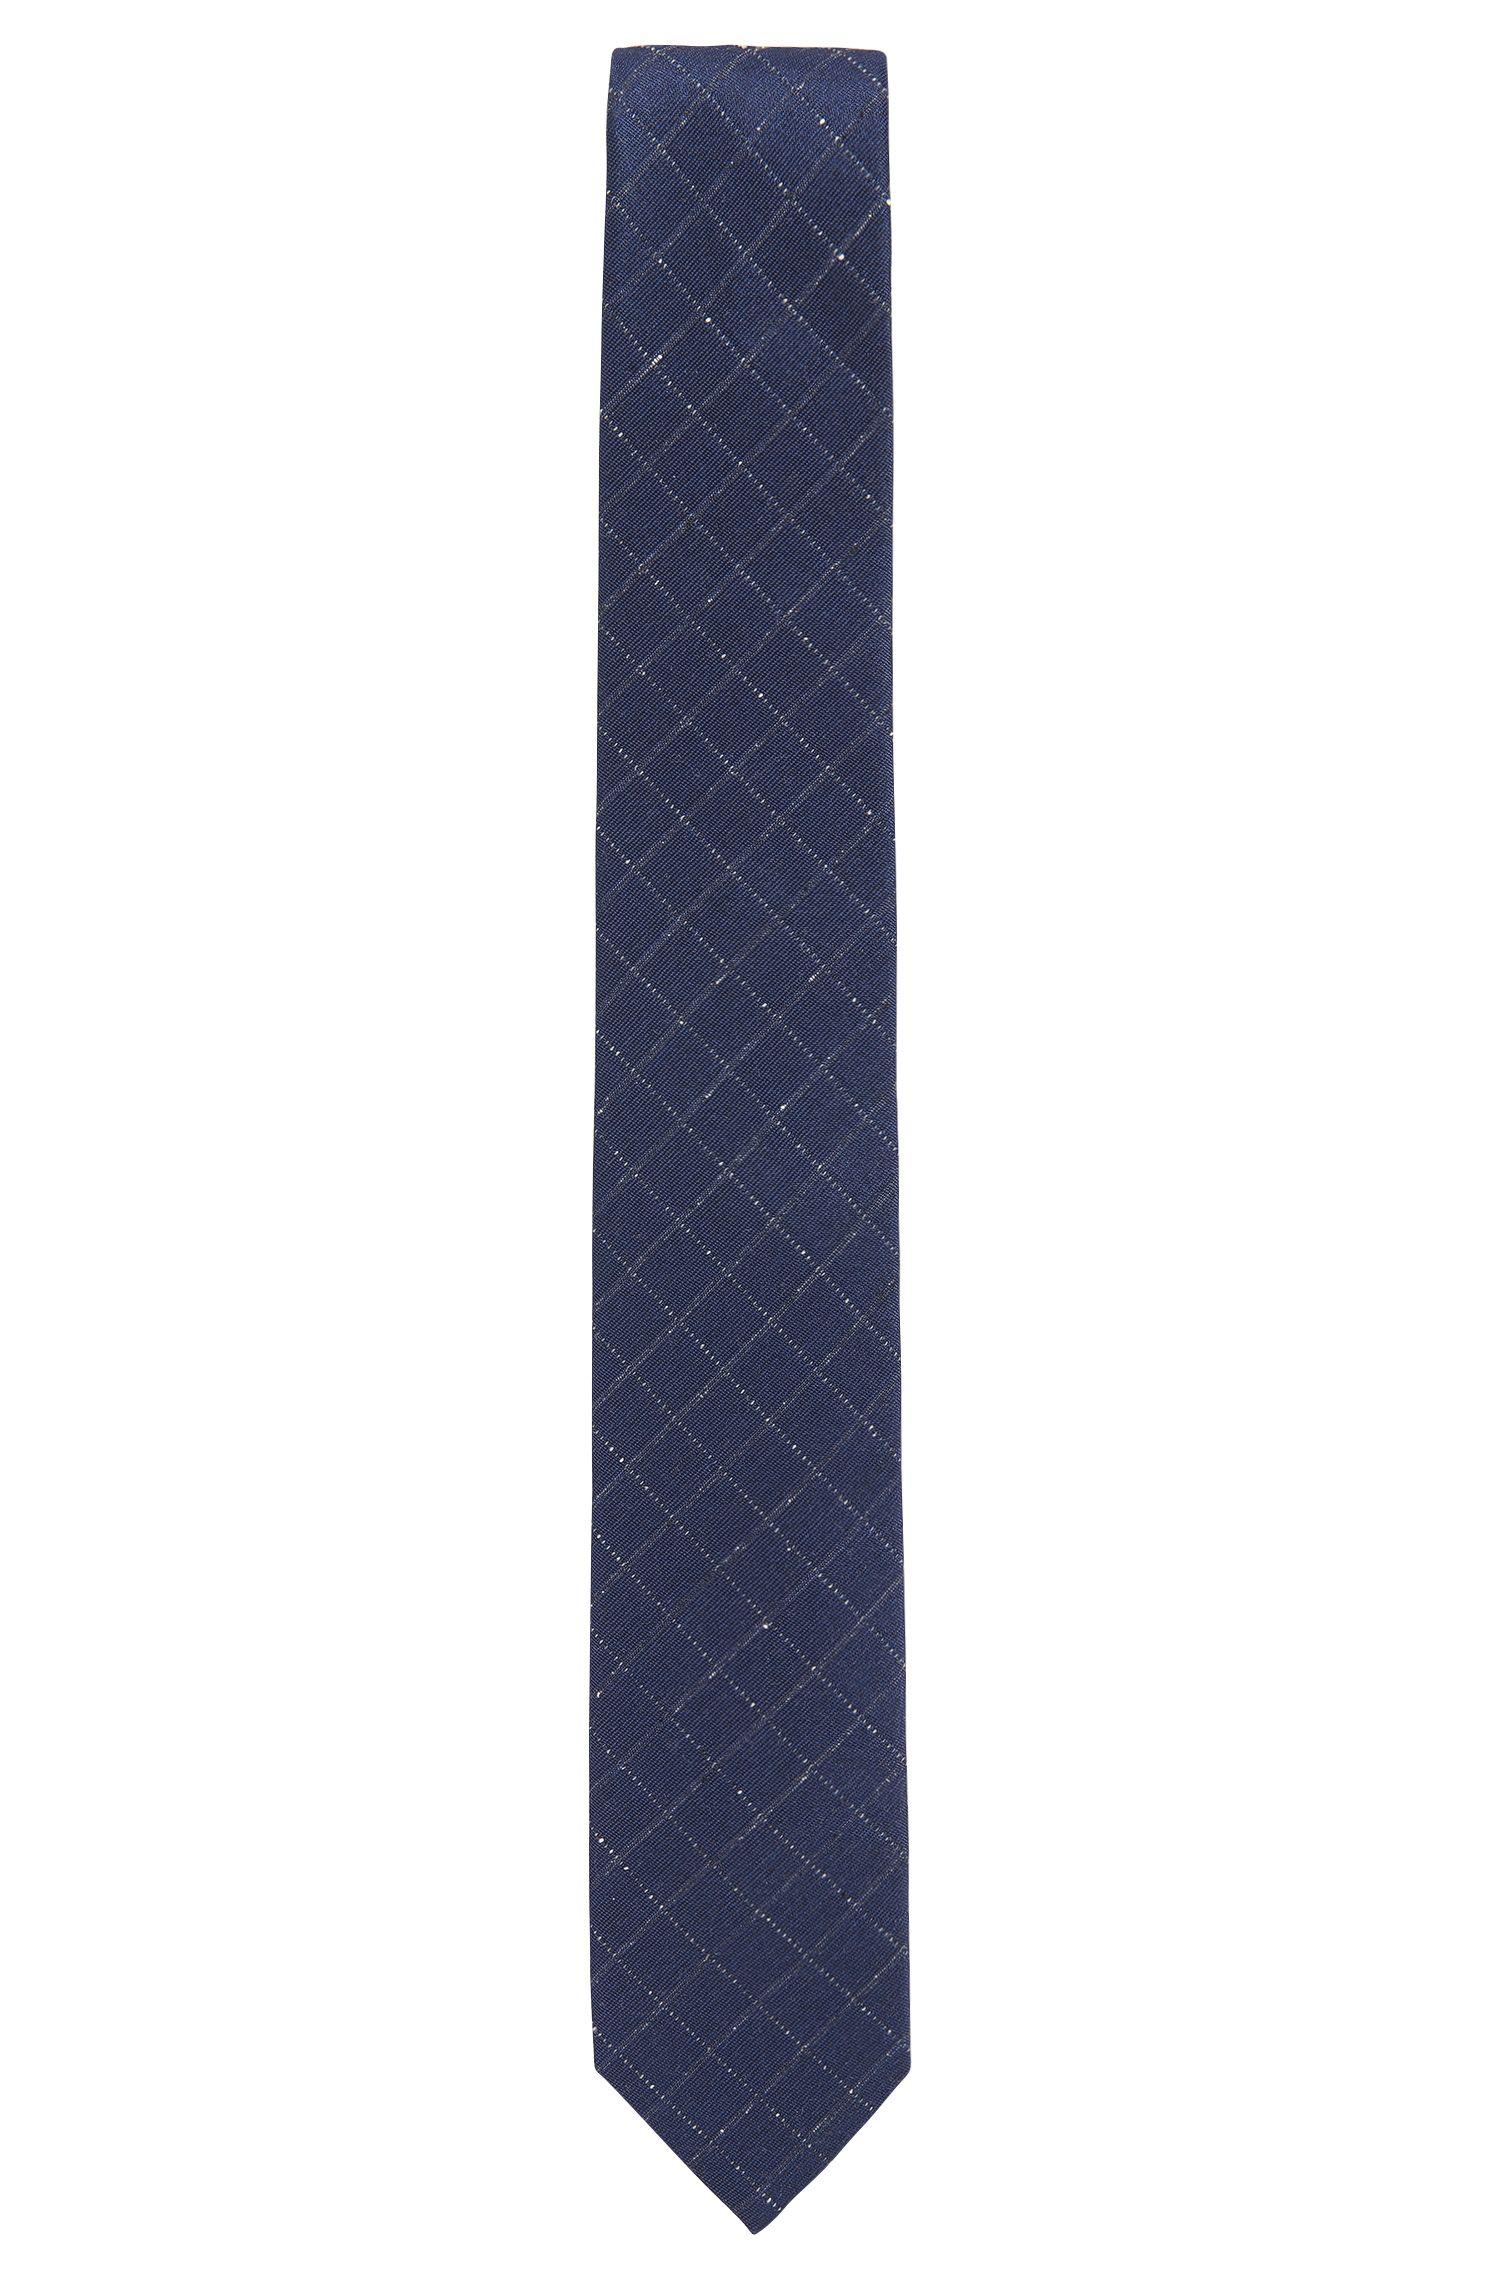 Silk-blend tie in a diamond pattern